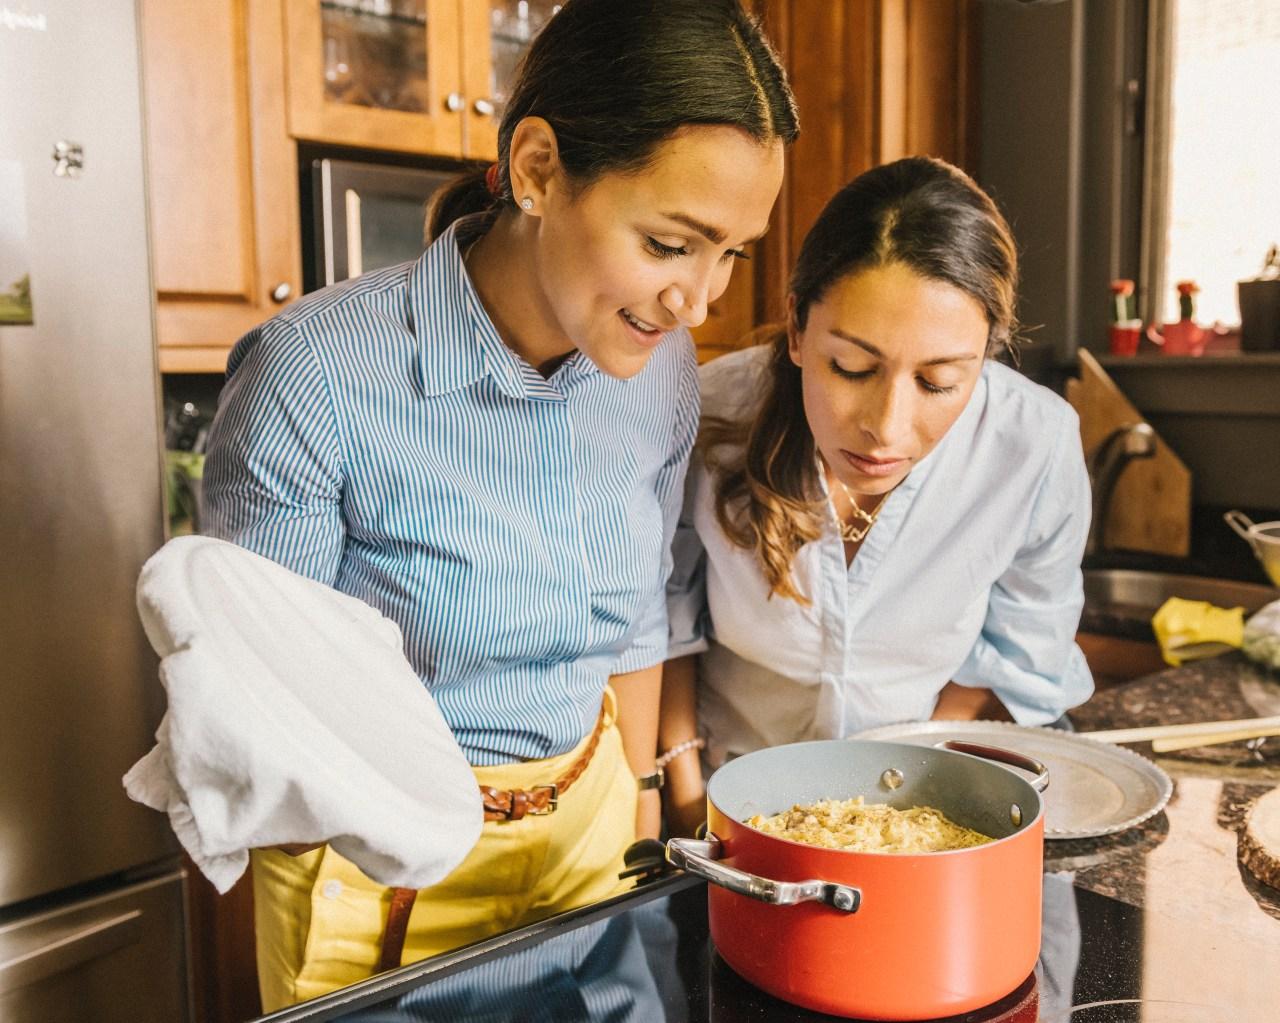 Yeganeh Rezaian and her sister Taraneh Salehi make food at home in Washington, DC.